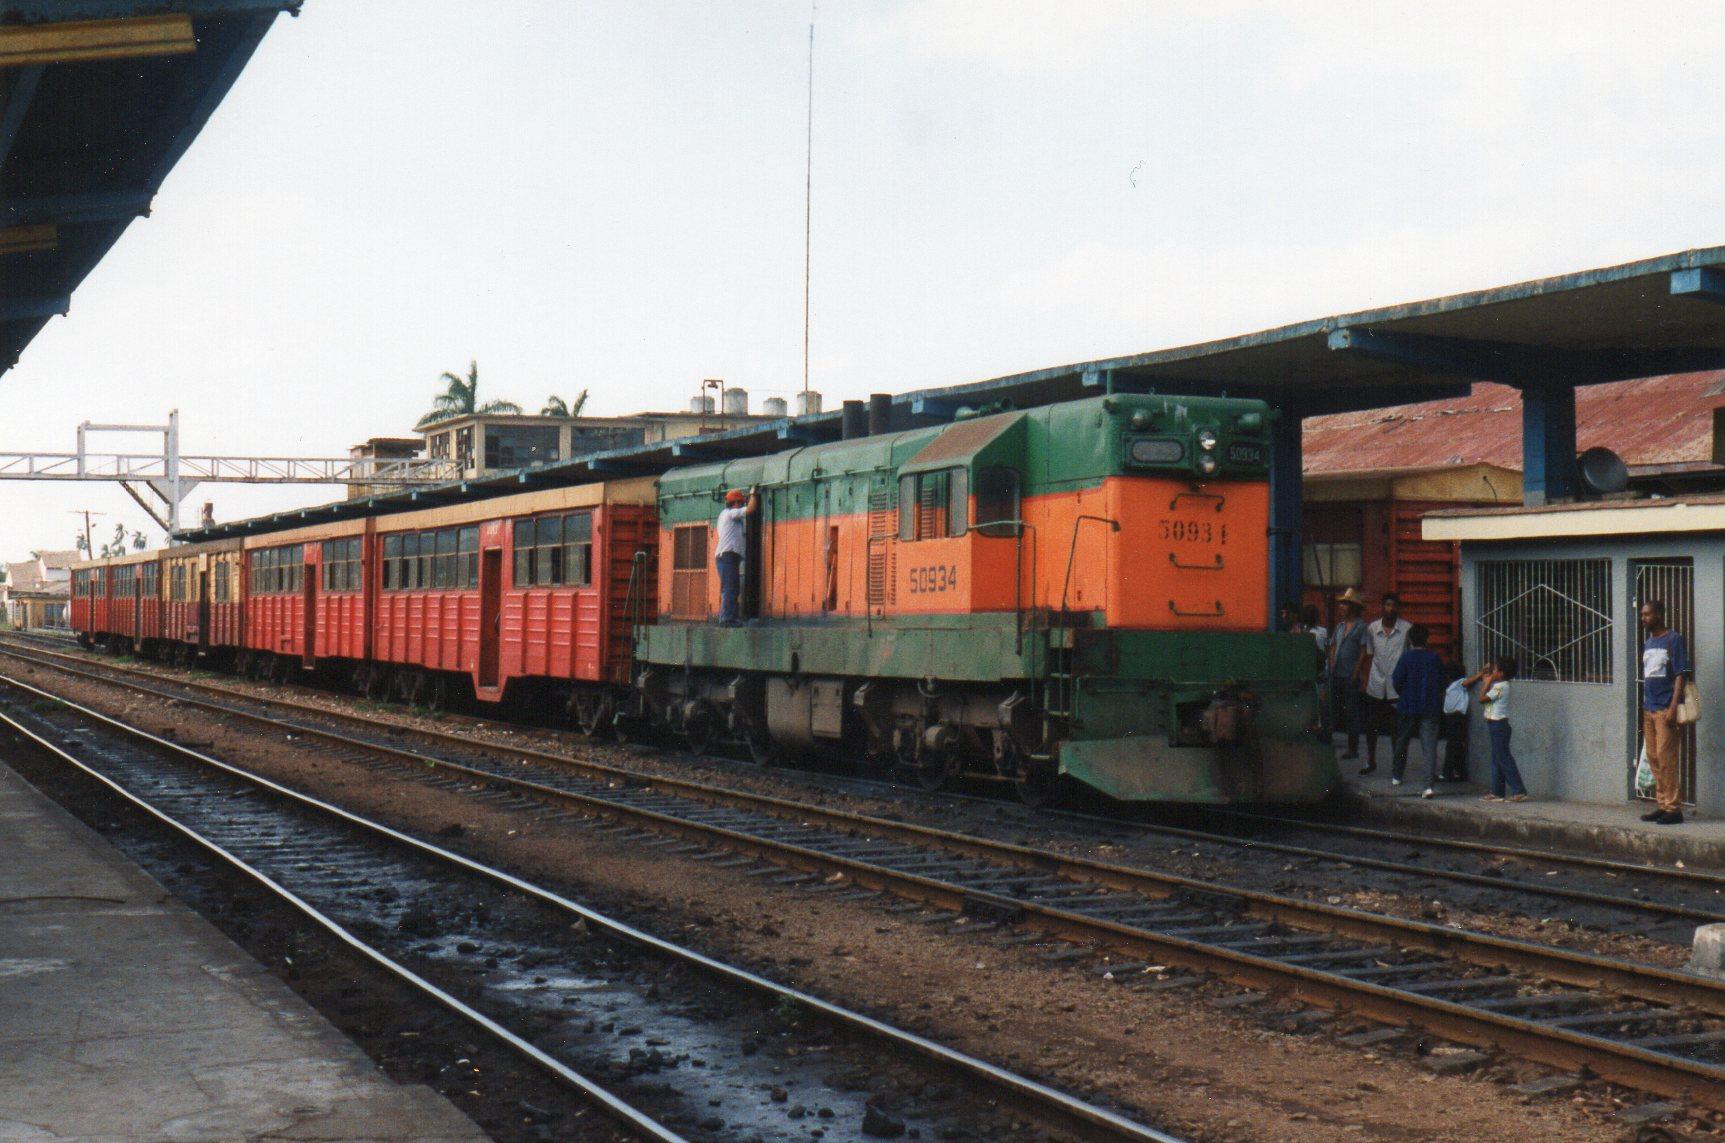 I Santa Clara holdt også FCC 50 943. 72 t. 820 hk. Bygget af GM i 1955. Personvognene er ombyggede sikkert rumænske godsvogne.